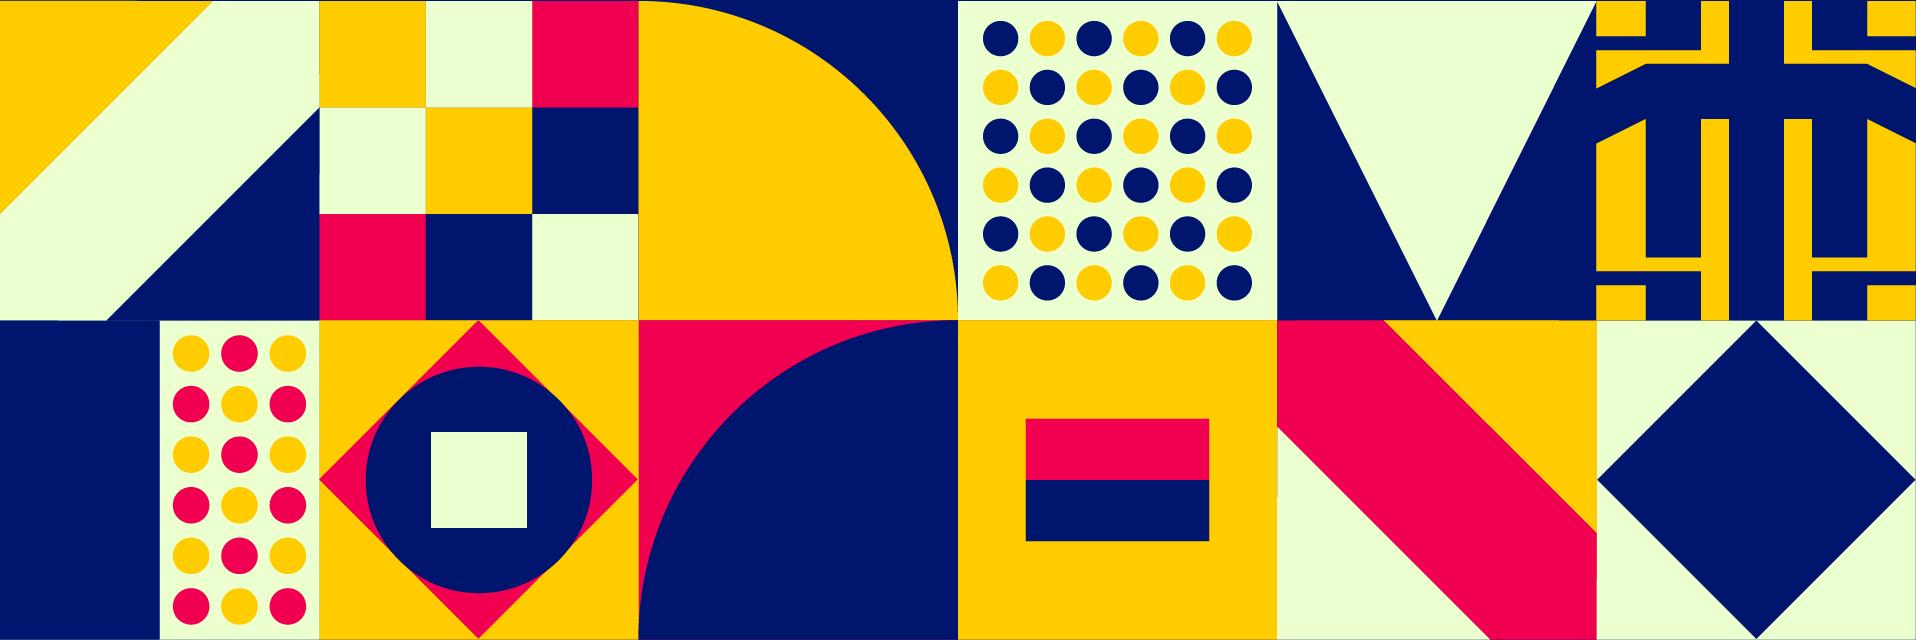 geometrias-04-04-04